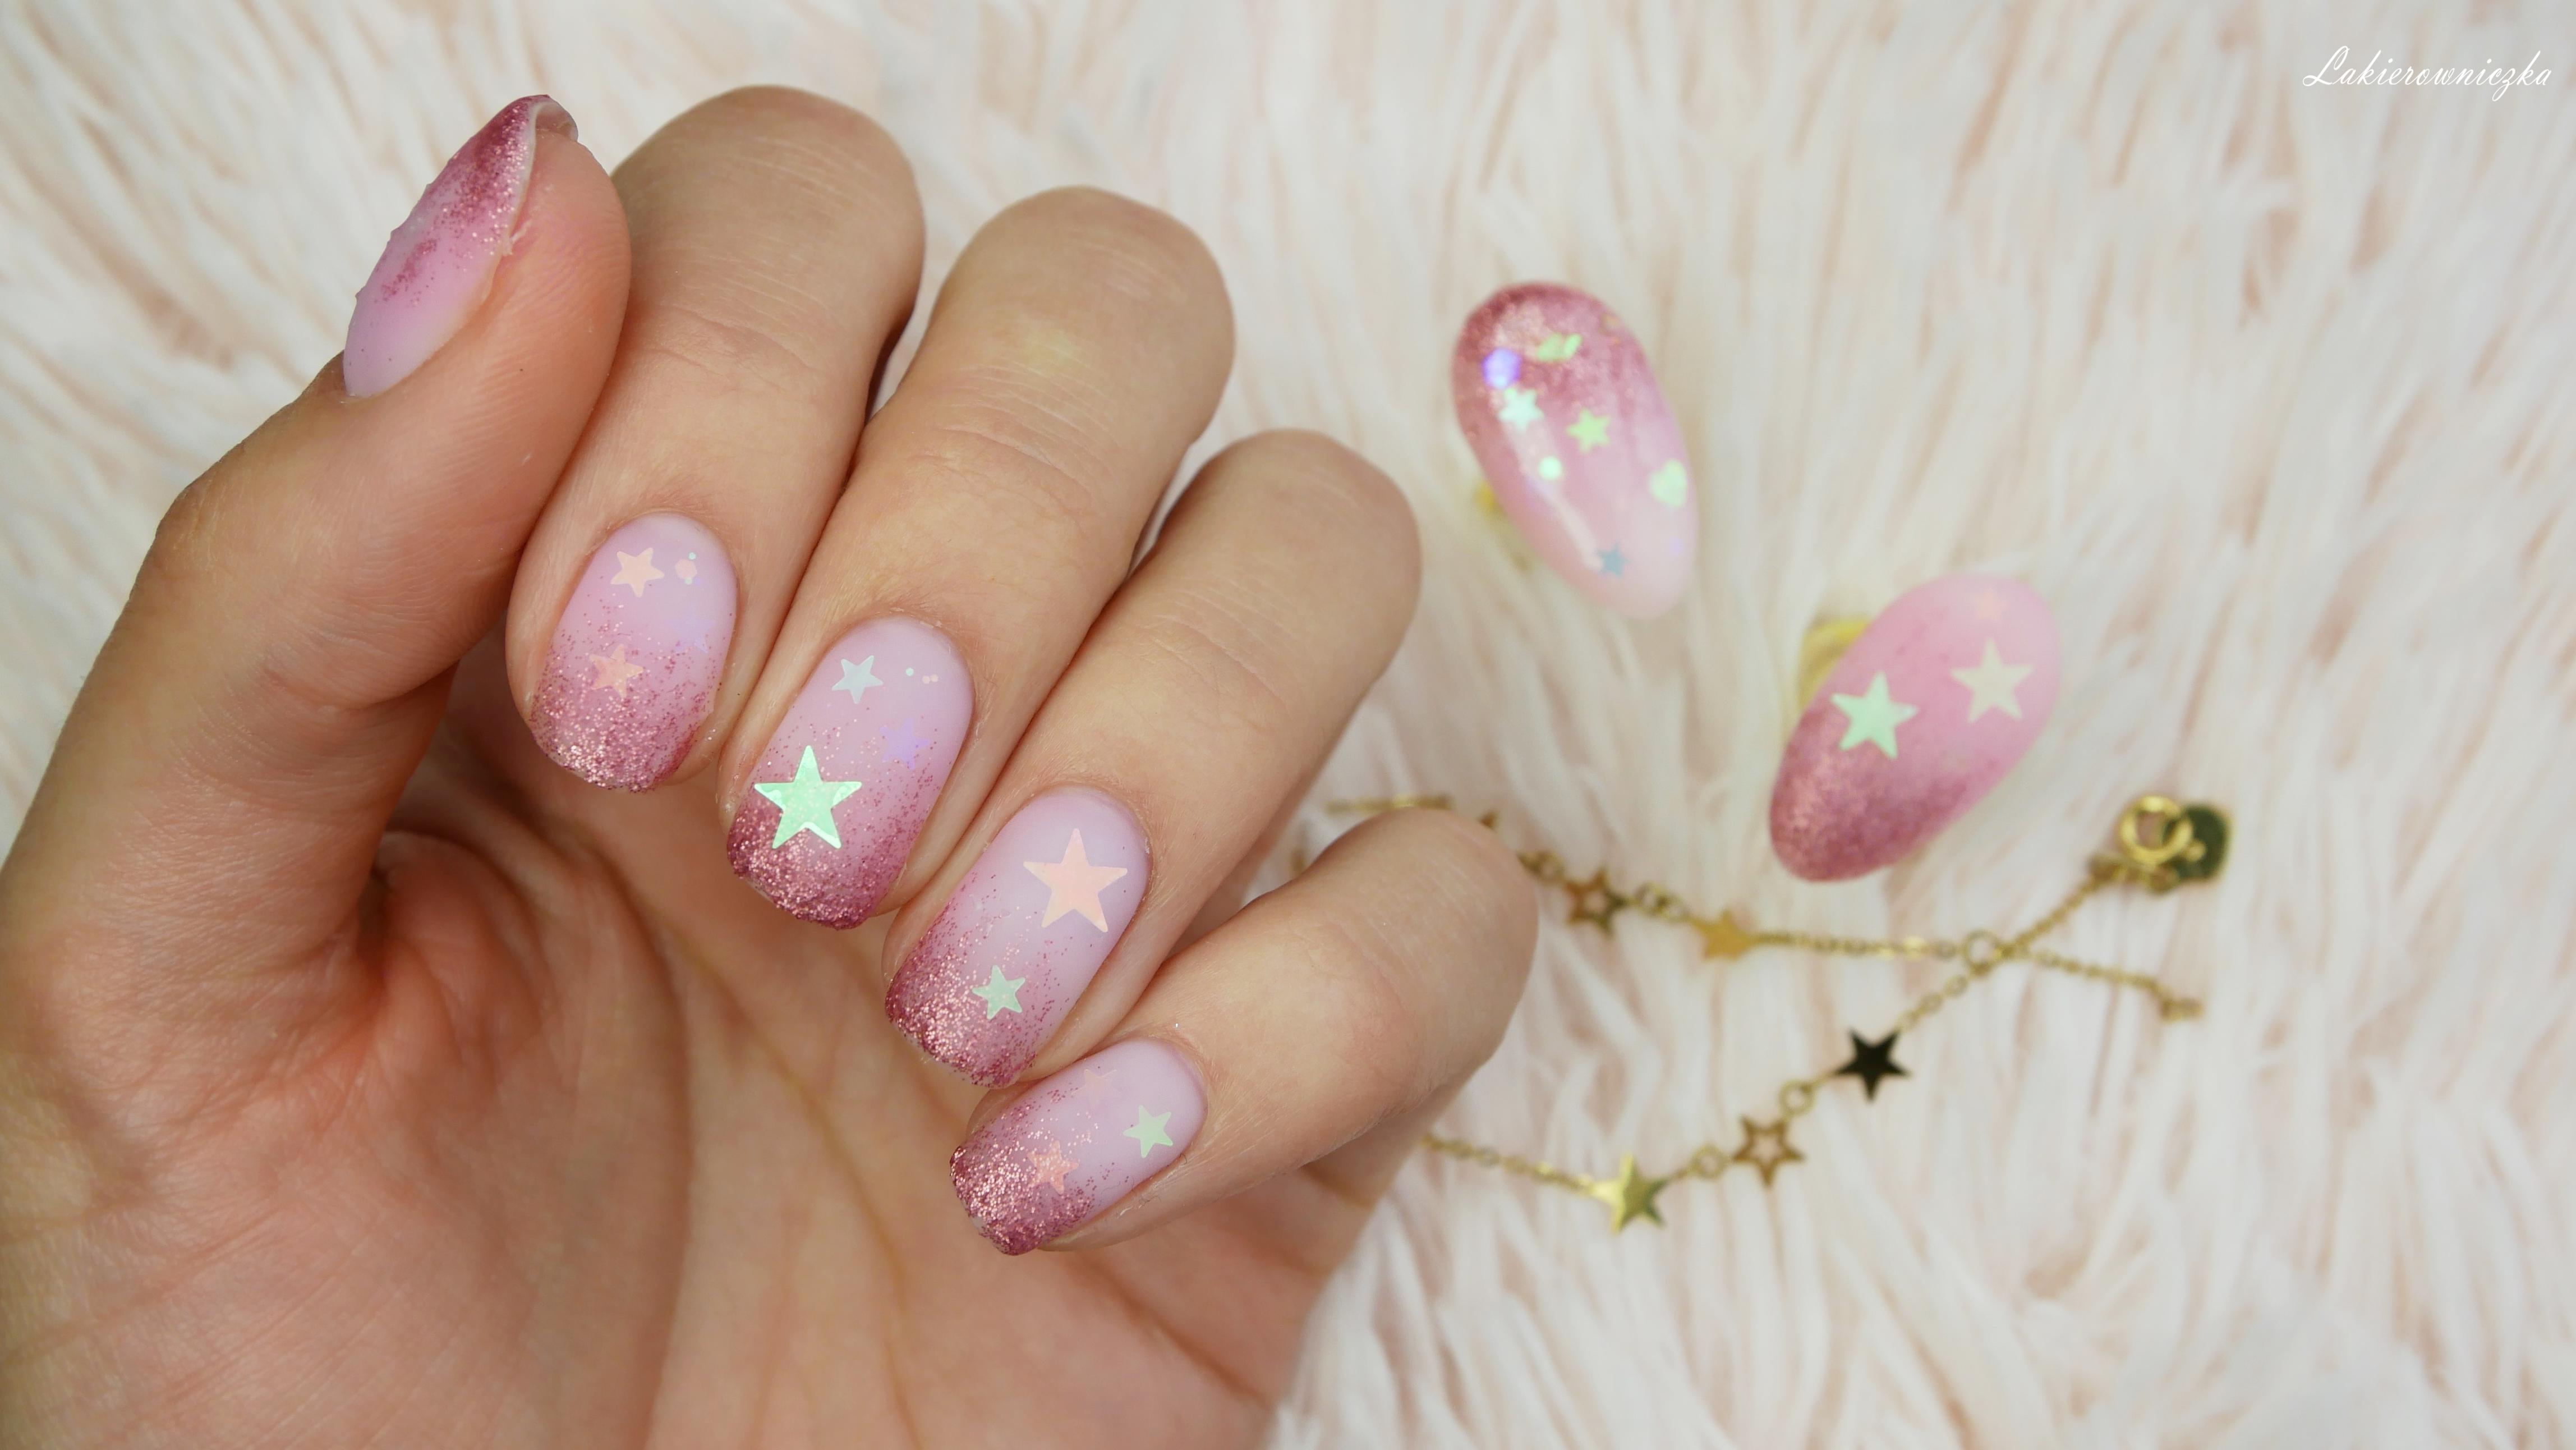 Pastelowy-roz-z-brokatem-sklep-Raisin-jasne-paznokcie-Nails-company-I-do-romance-wedding-w-macie-Lakierowniczka-pastelowy róż z brokatem